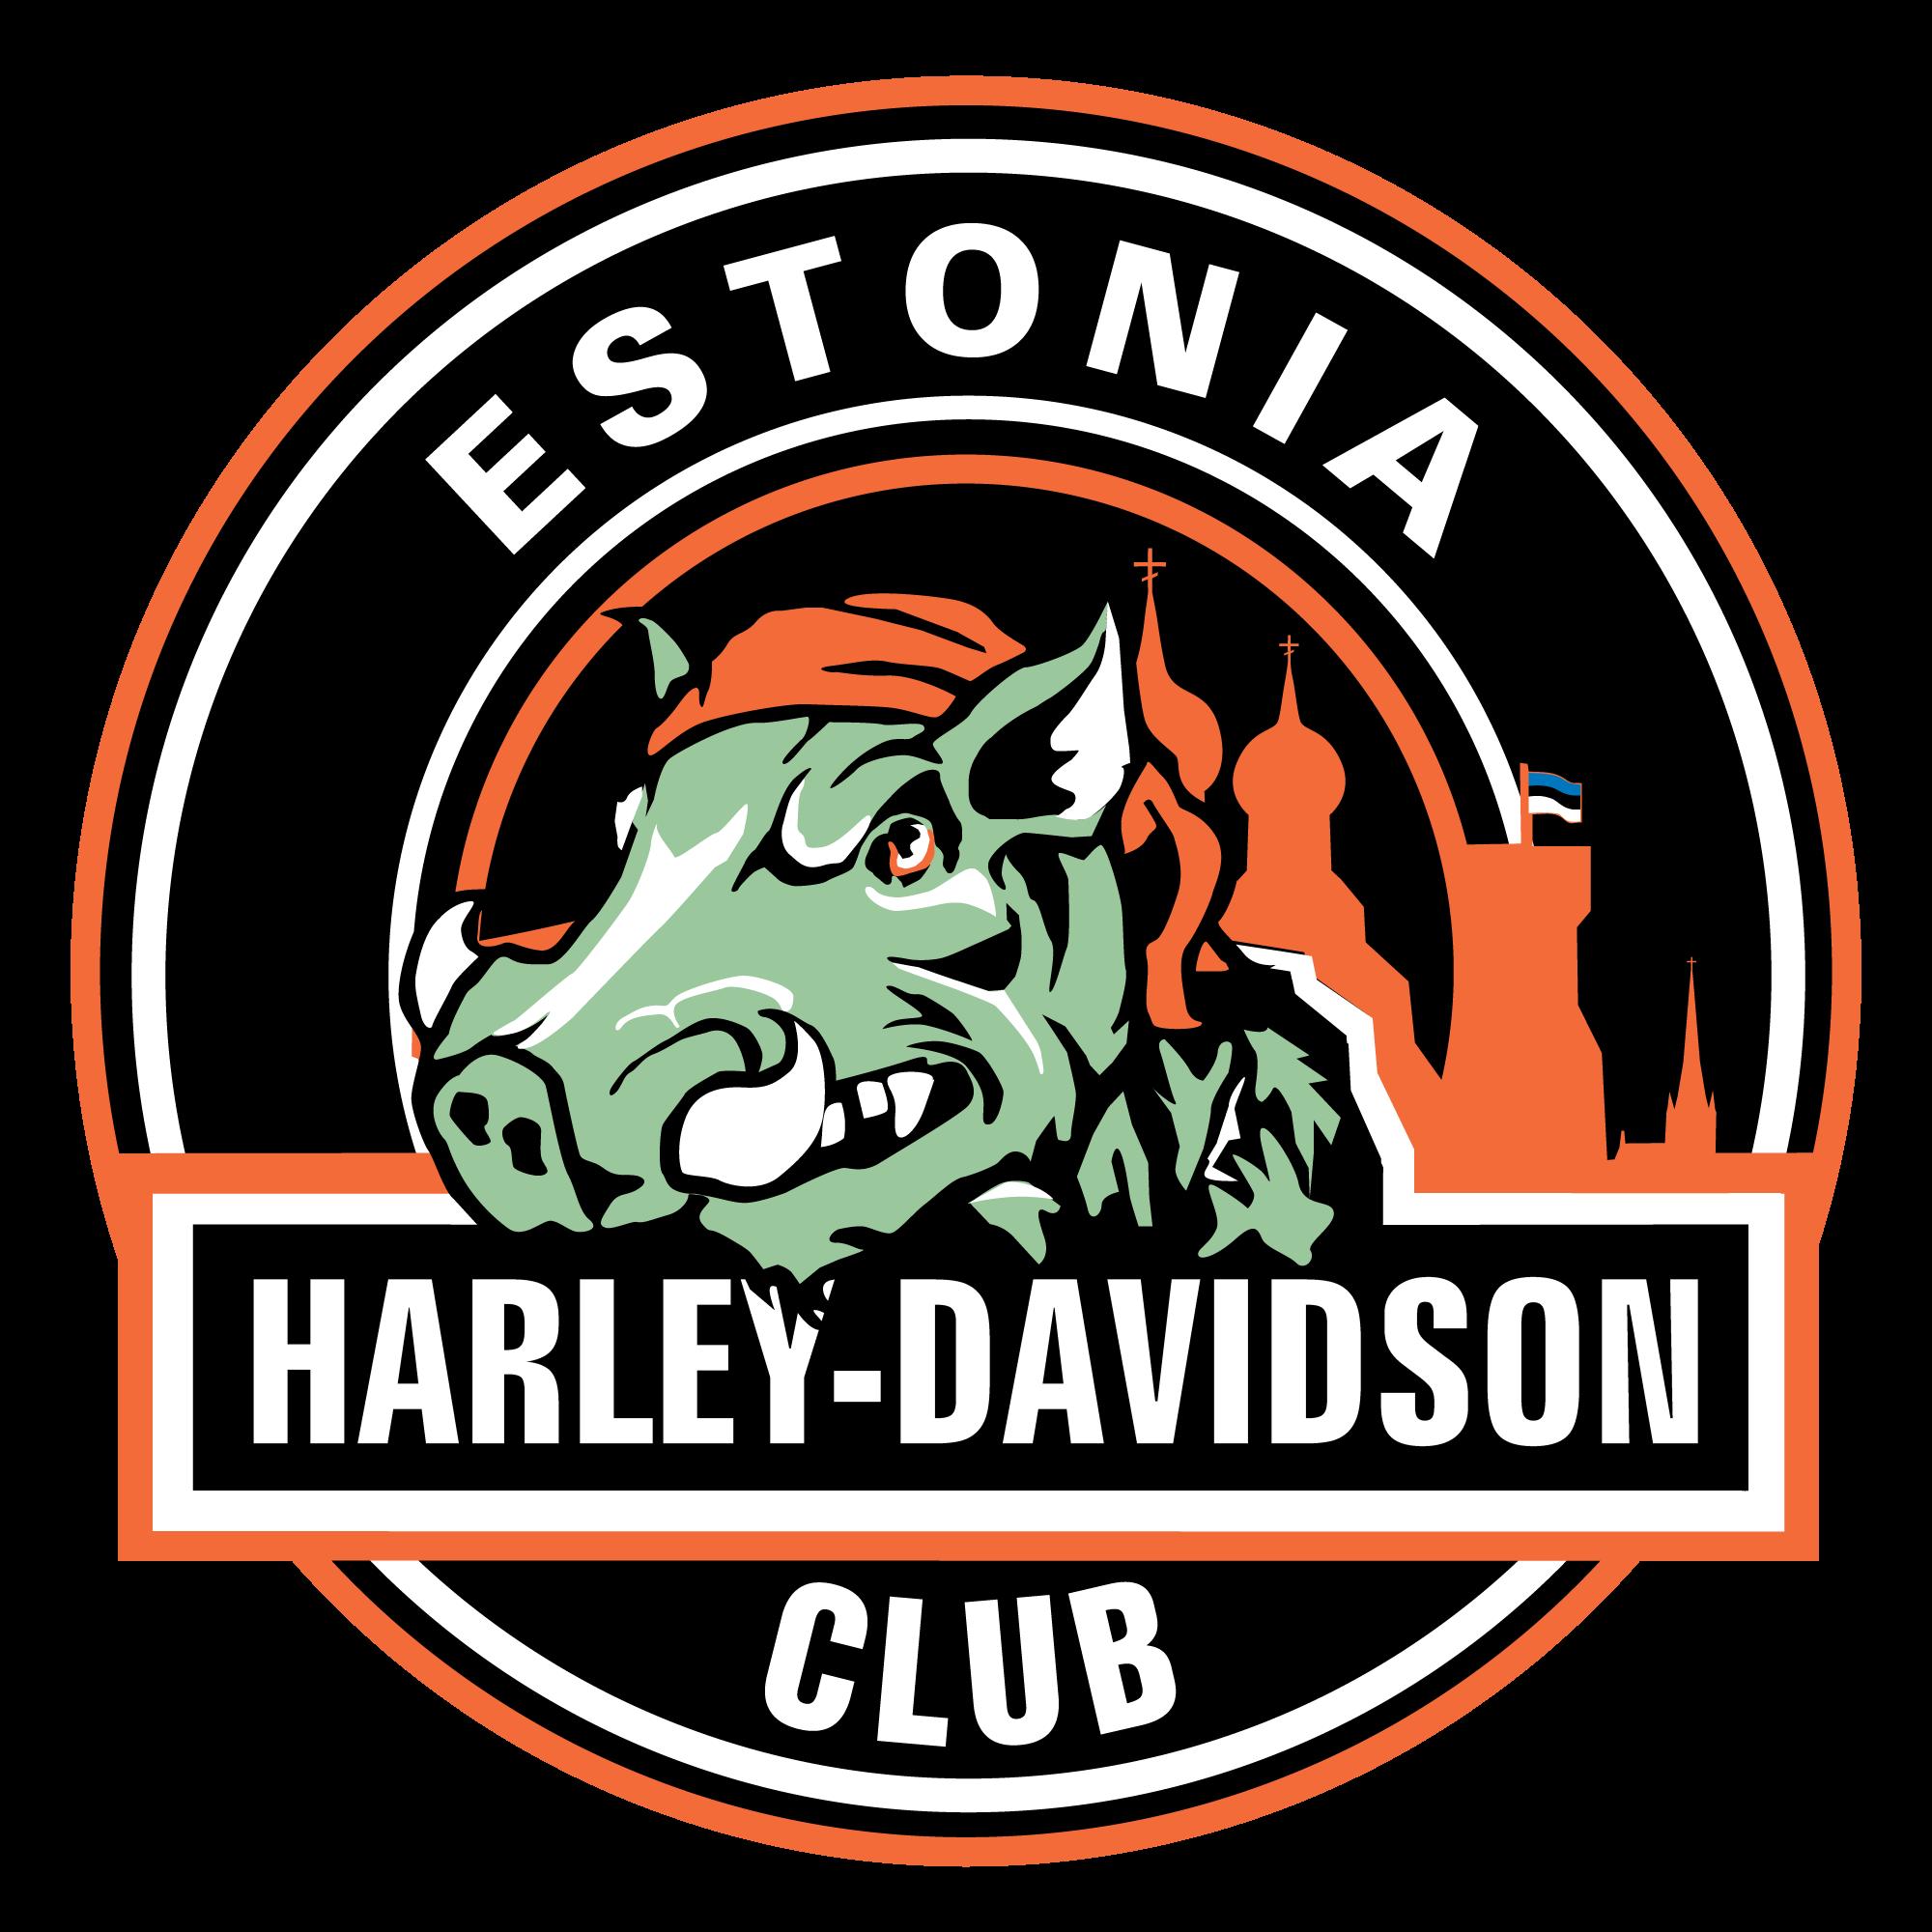 2000x2000 Harley Davidson Club Estonia Estonian Harley Davidson Motoclub.